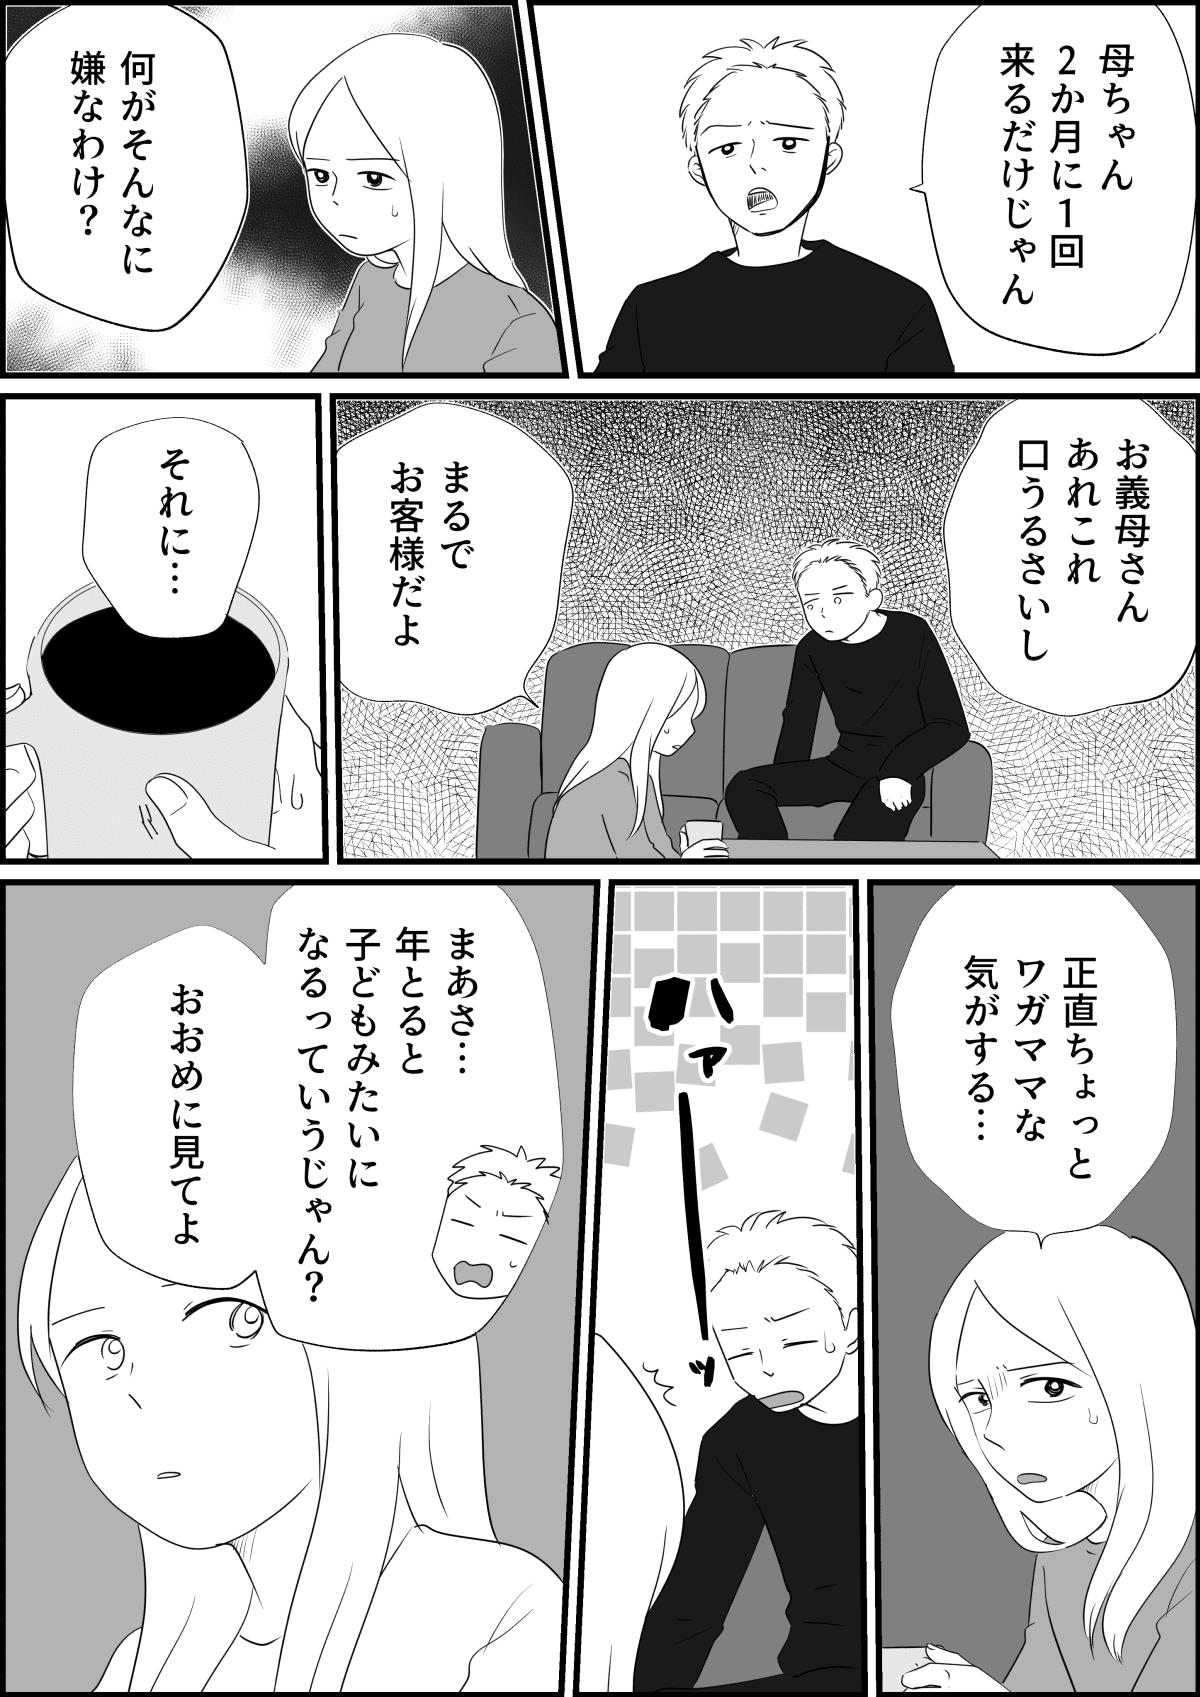 コミック_002 (7)